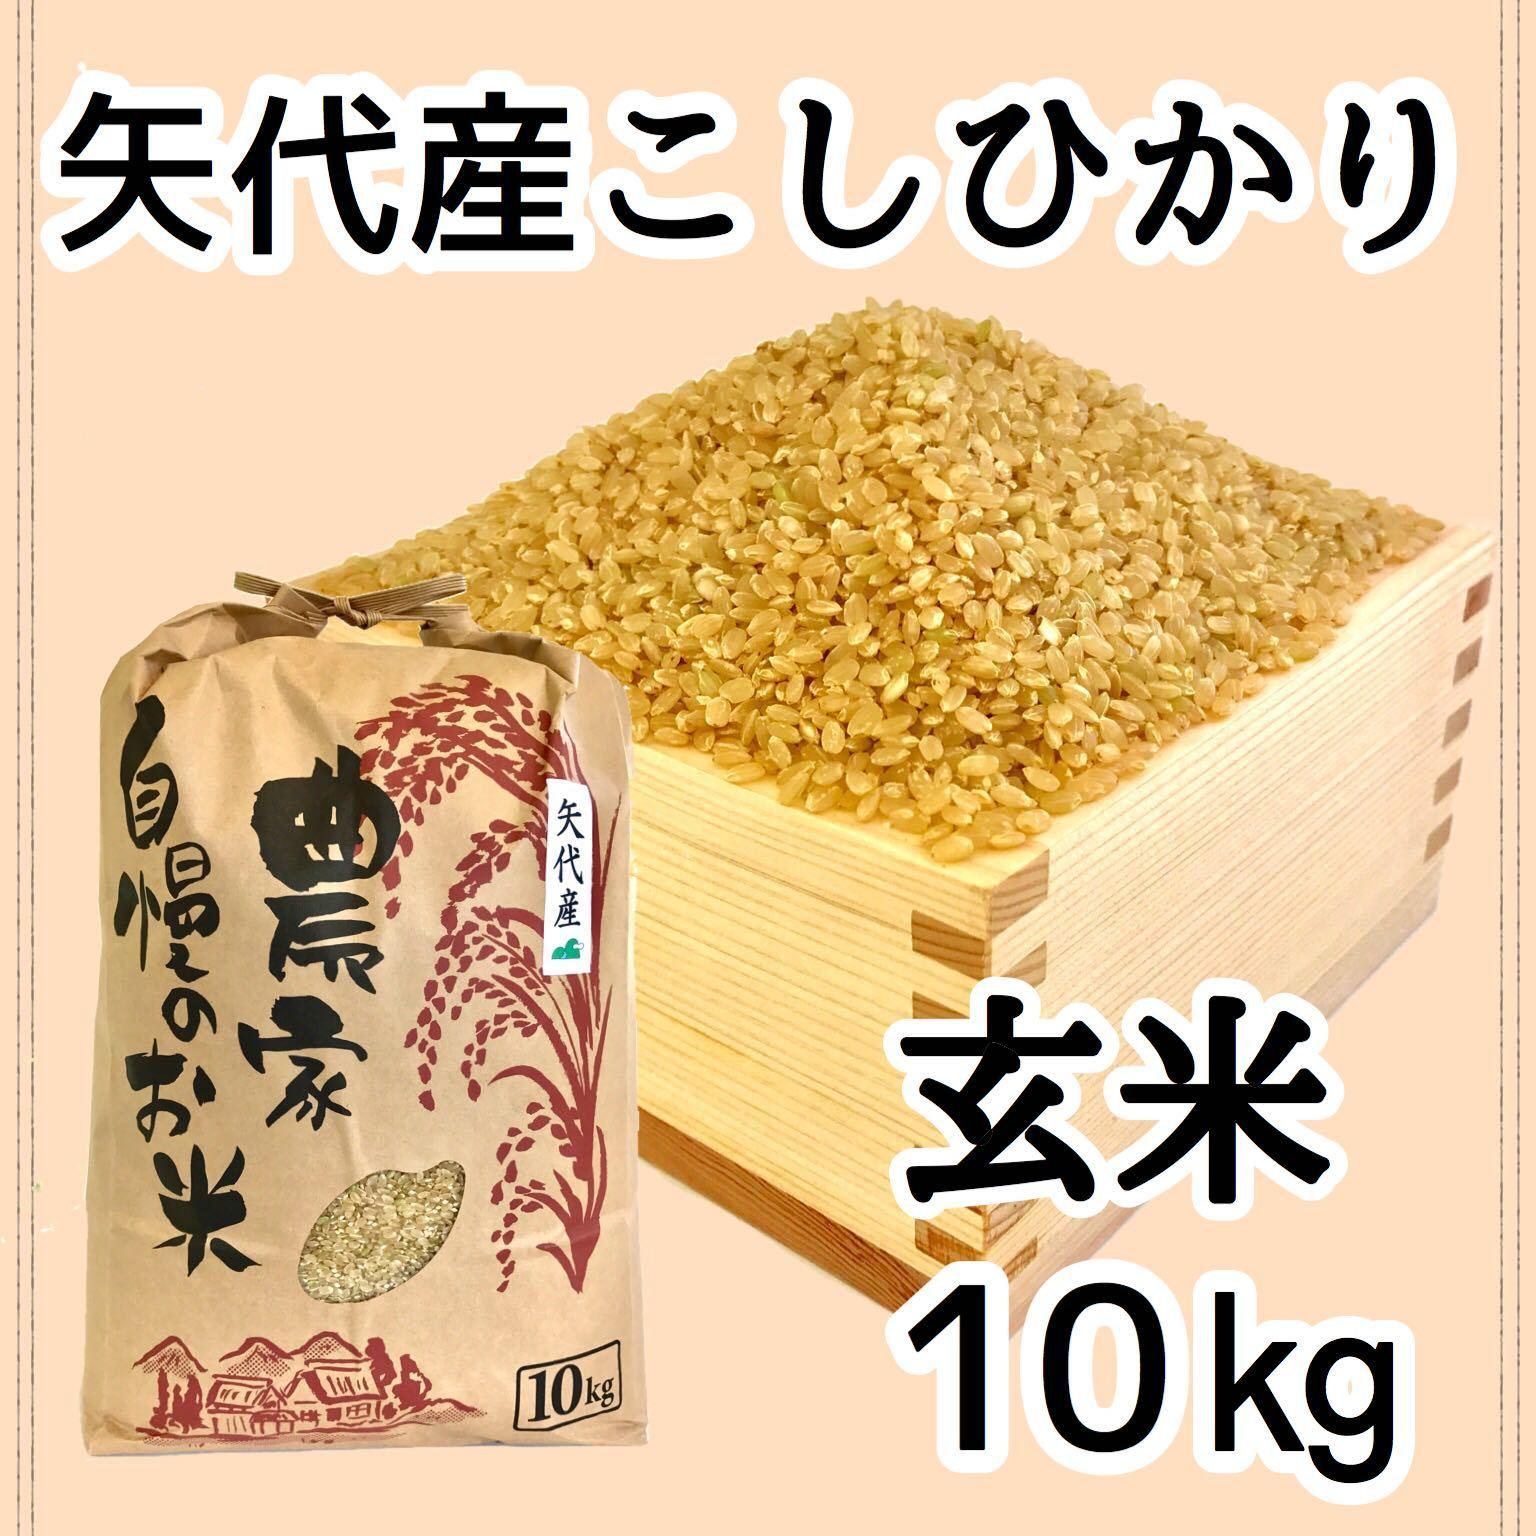 矢代産コシヒカリ玄米5キロ